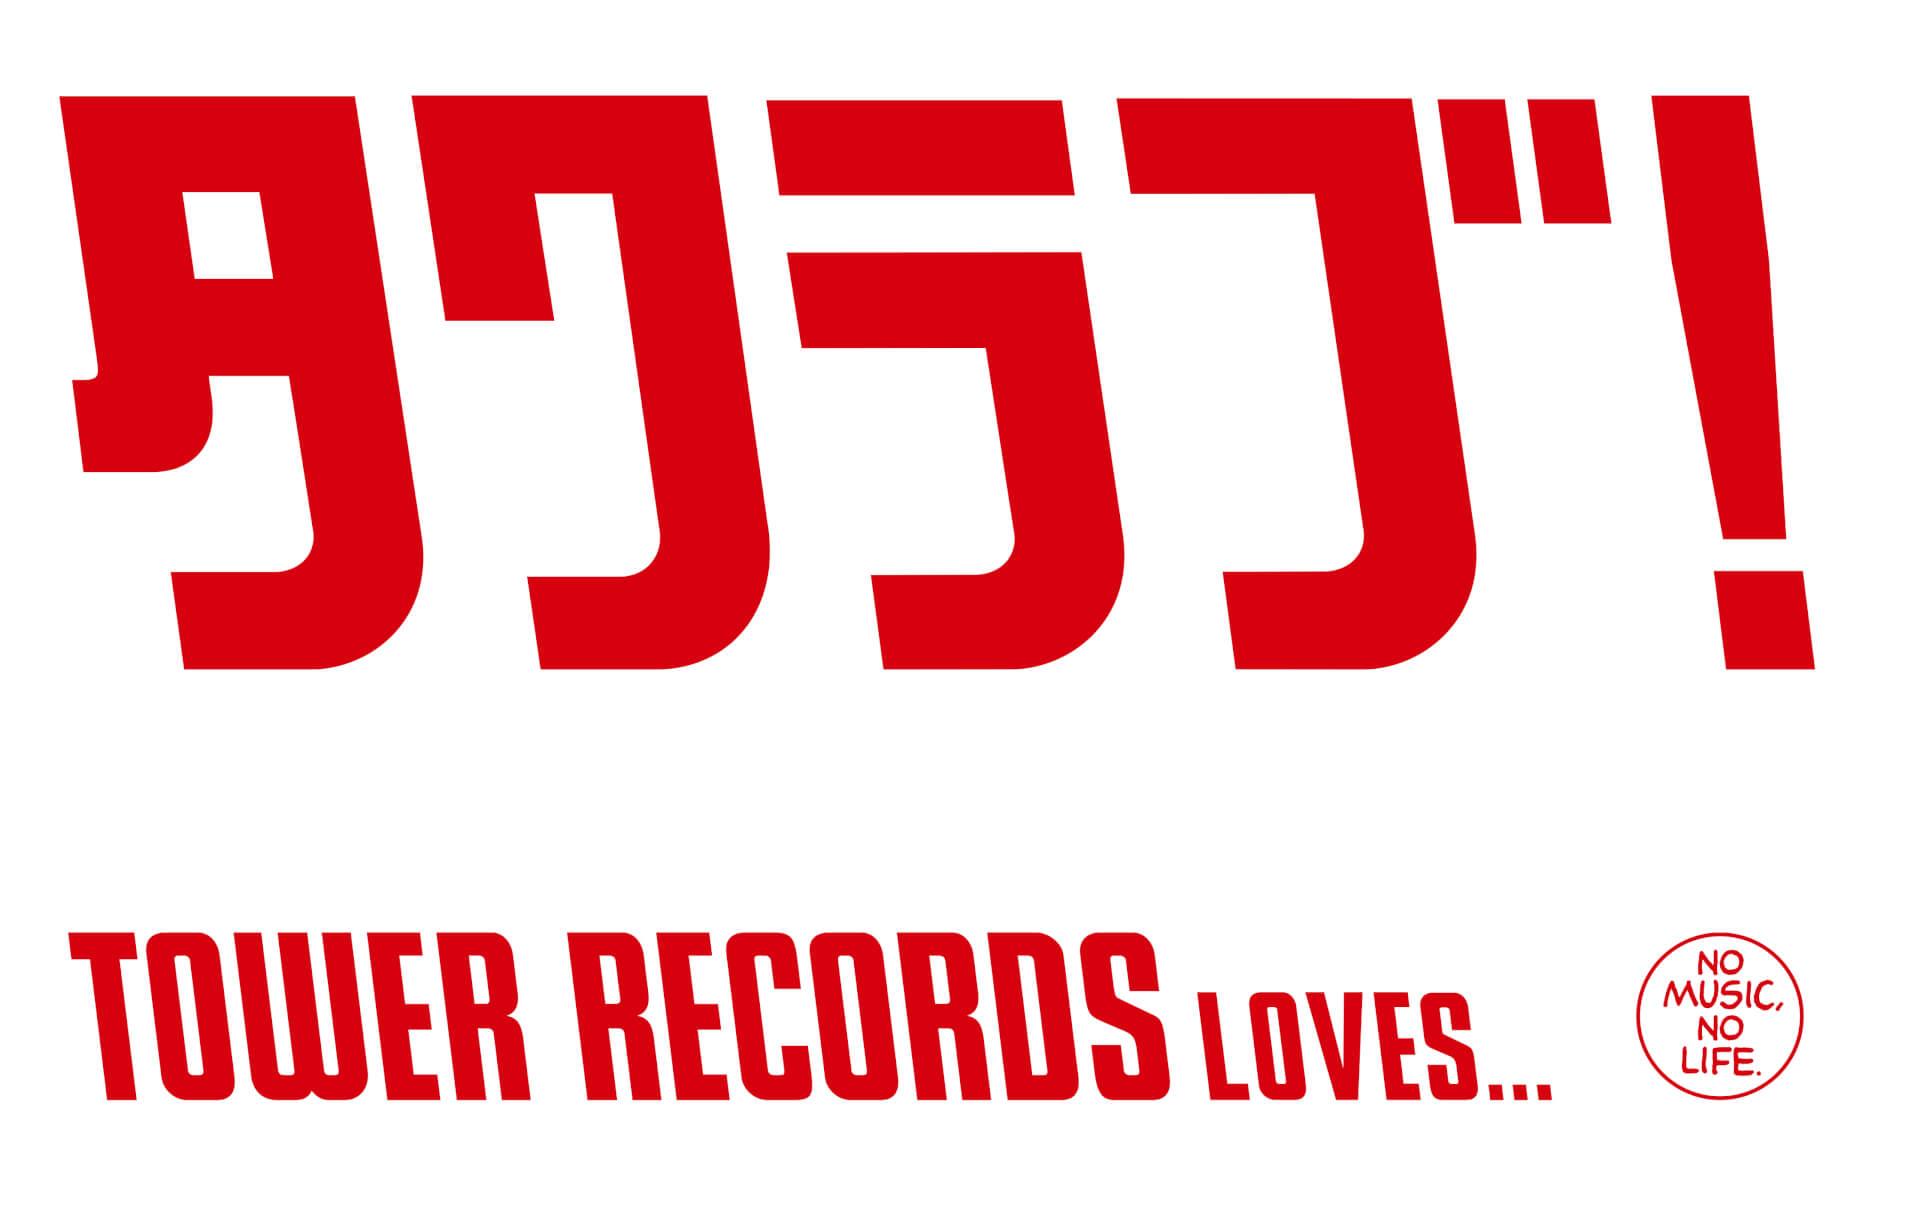 Official髭男dismメジャー1stアルバムデビュー記念!タワレココラボキャンペーン「タワラブ!」がスタート 191003_towalovehigedan_02jpg